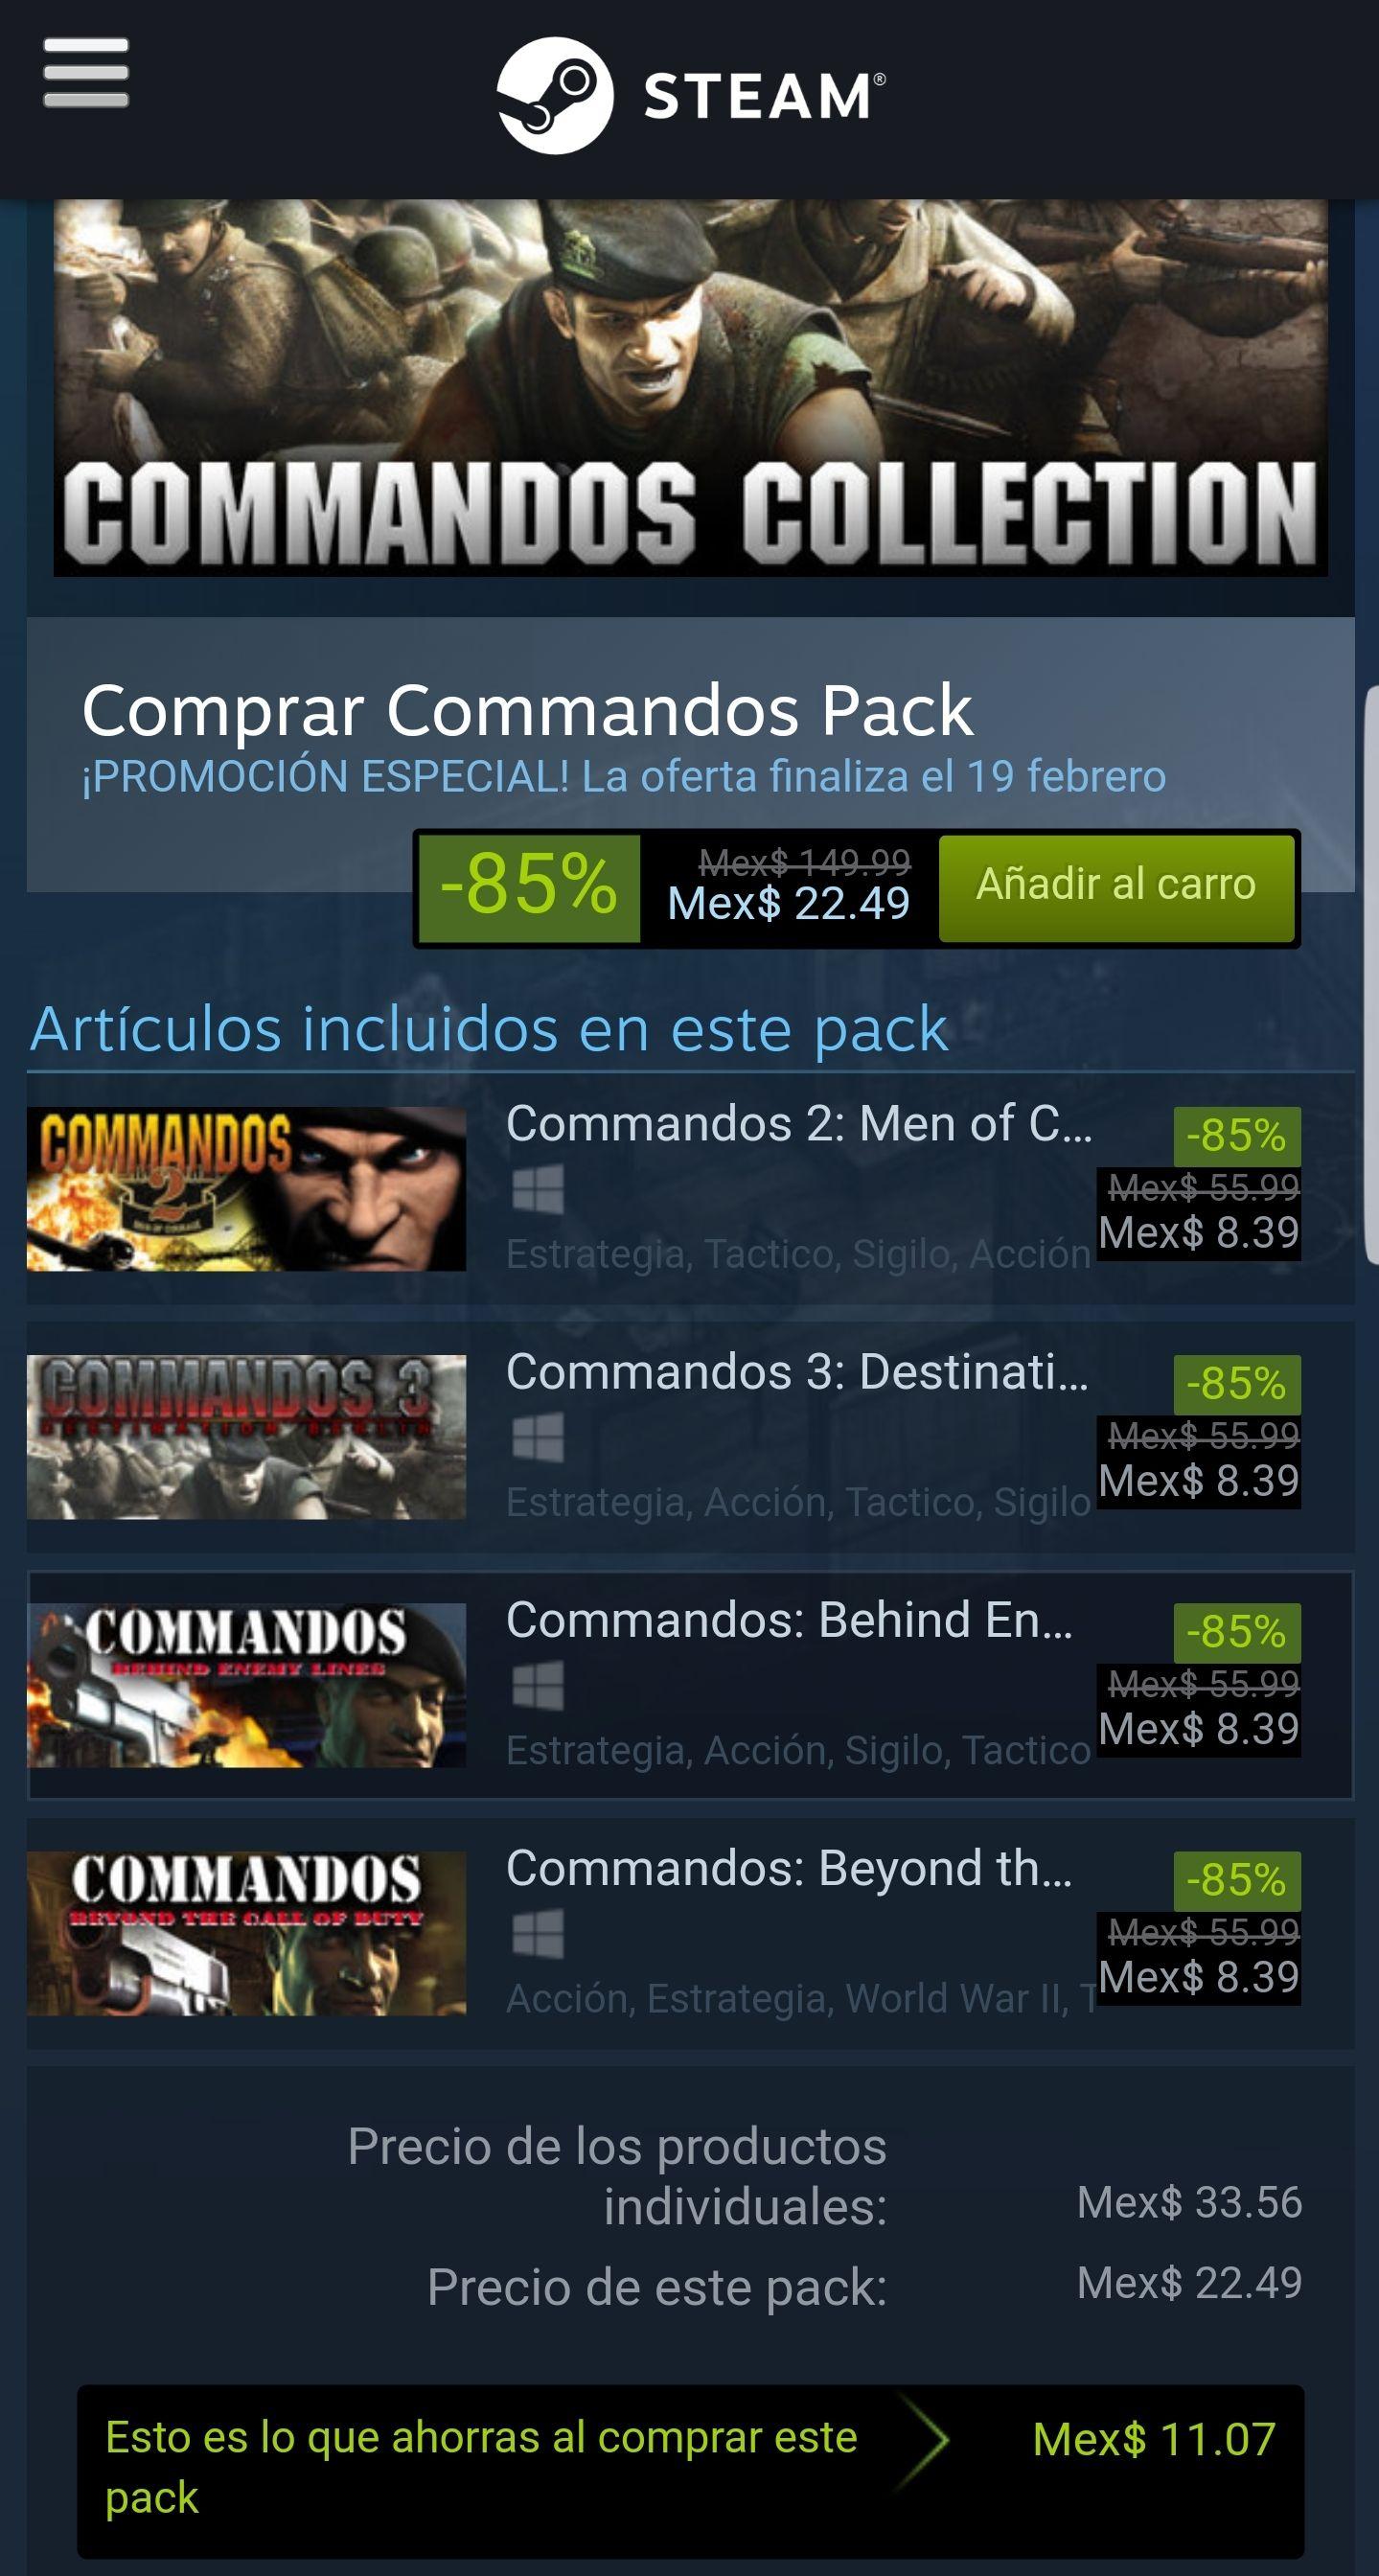 Steam: Commandos collection